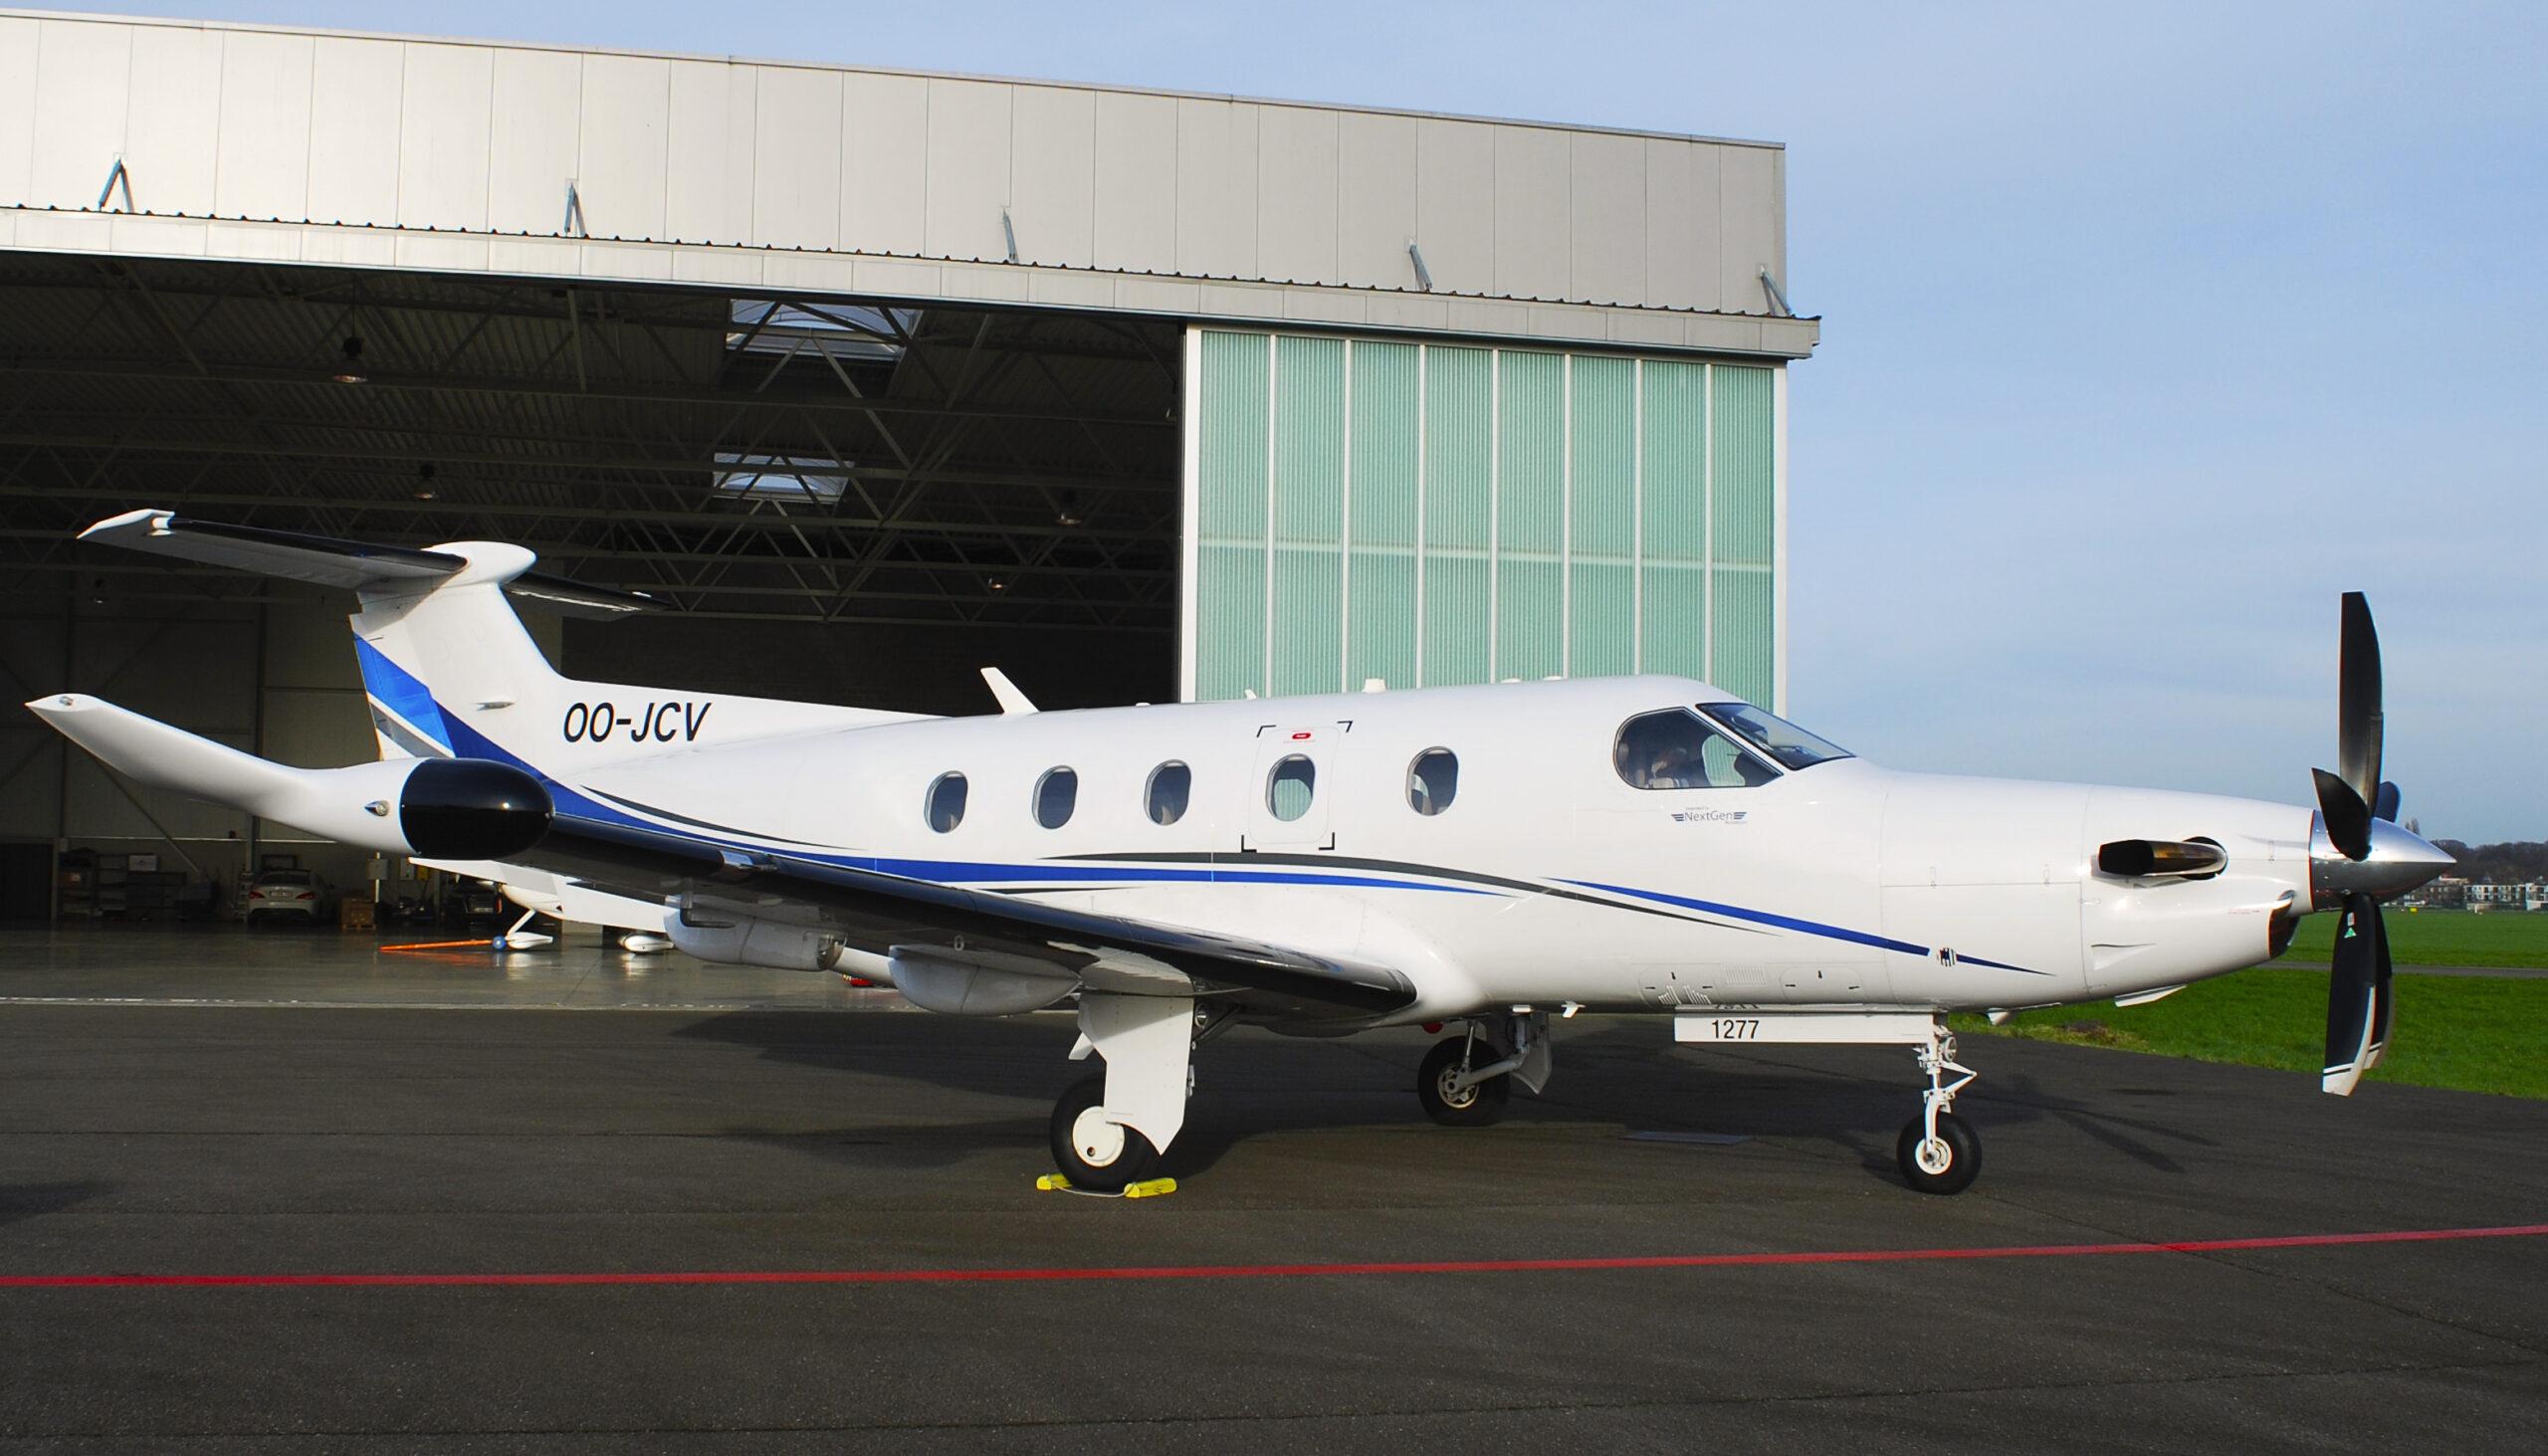 2011 Pilatus PC-12 NG, OO-JCV